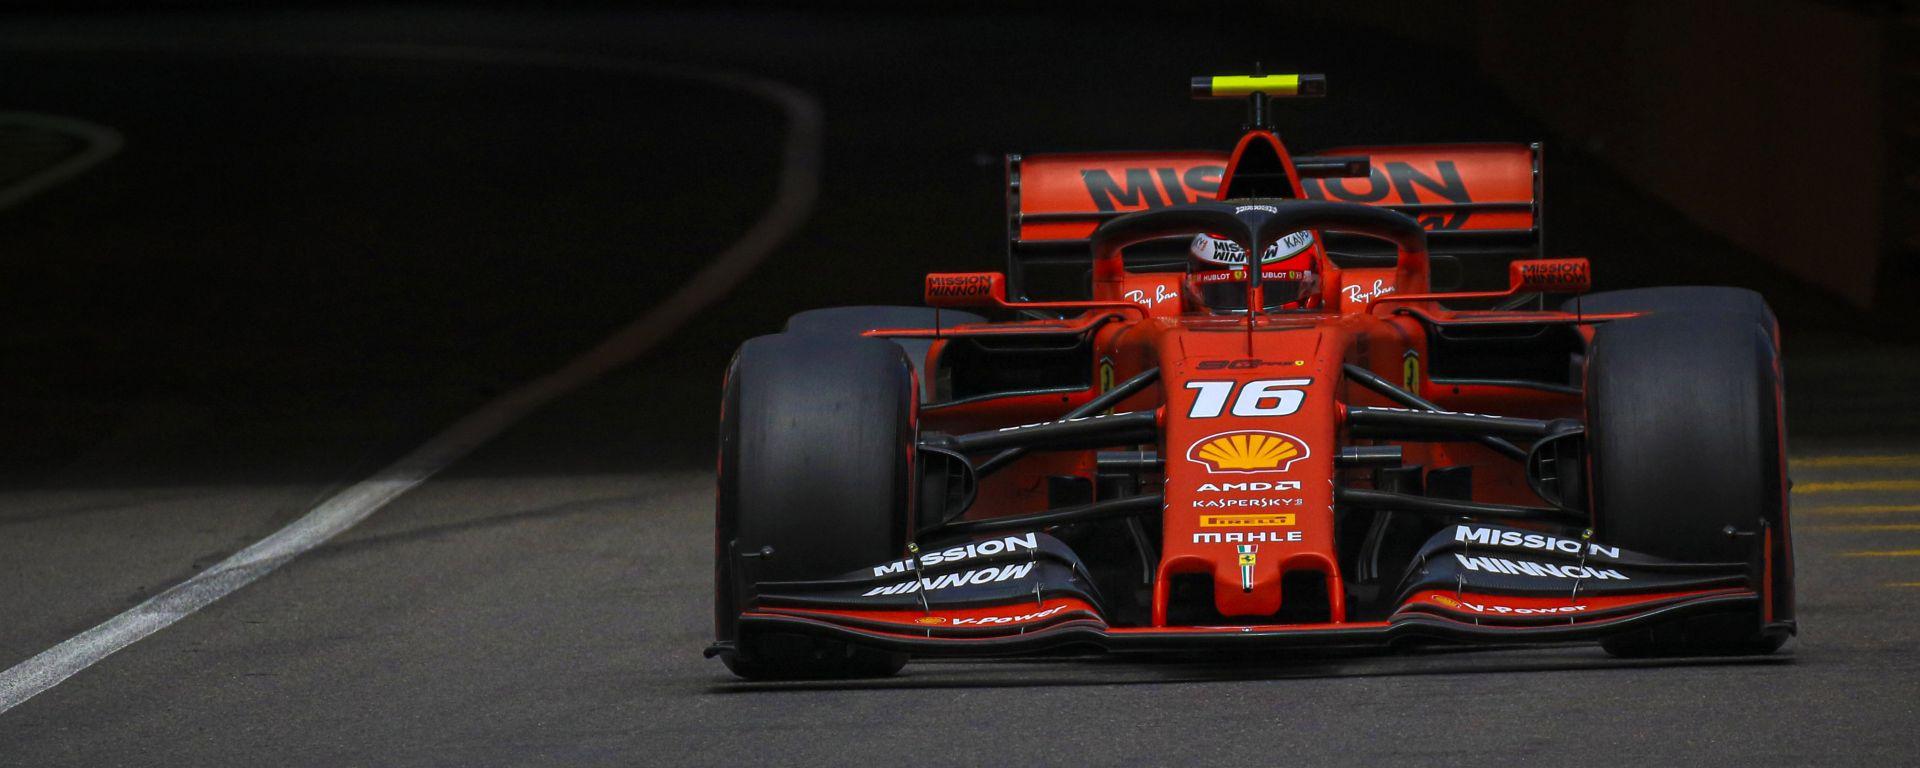 F1 Gp Monaco 2019 – PL3. Squillo di Leclerc, Vettel a muro